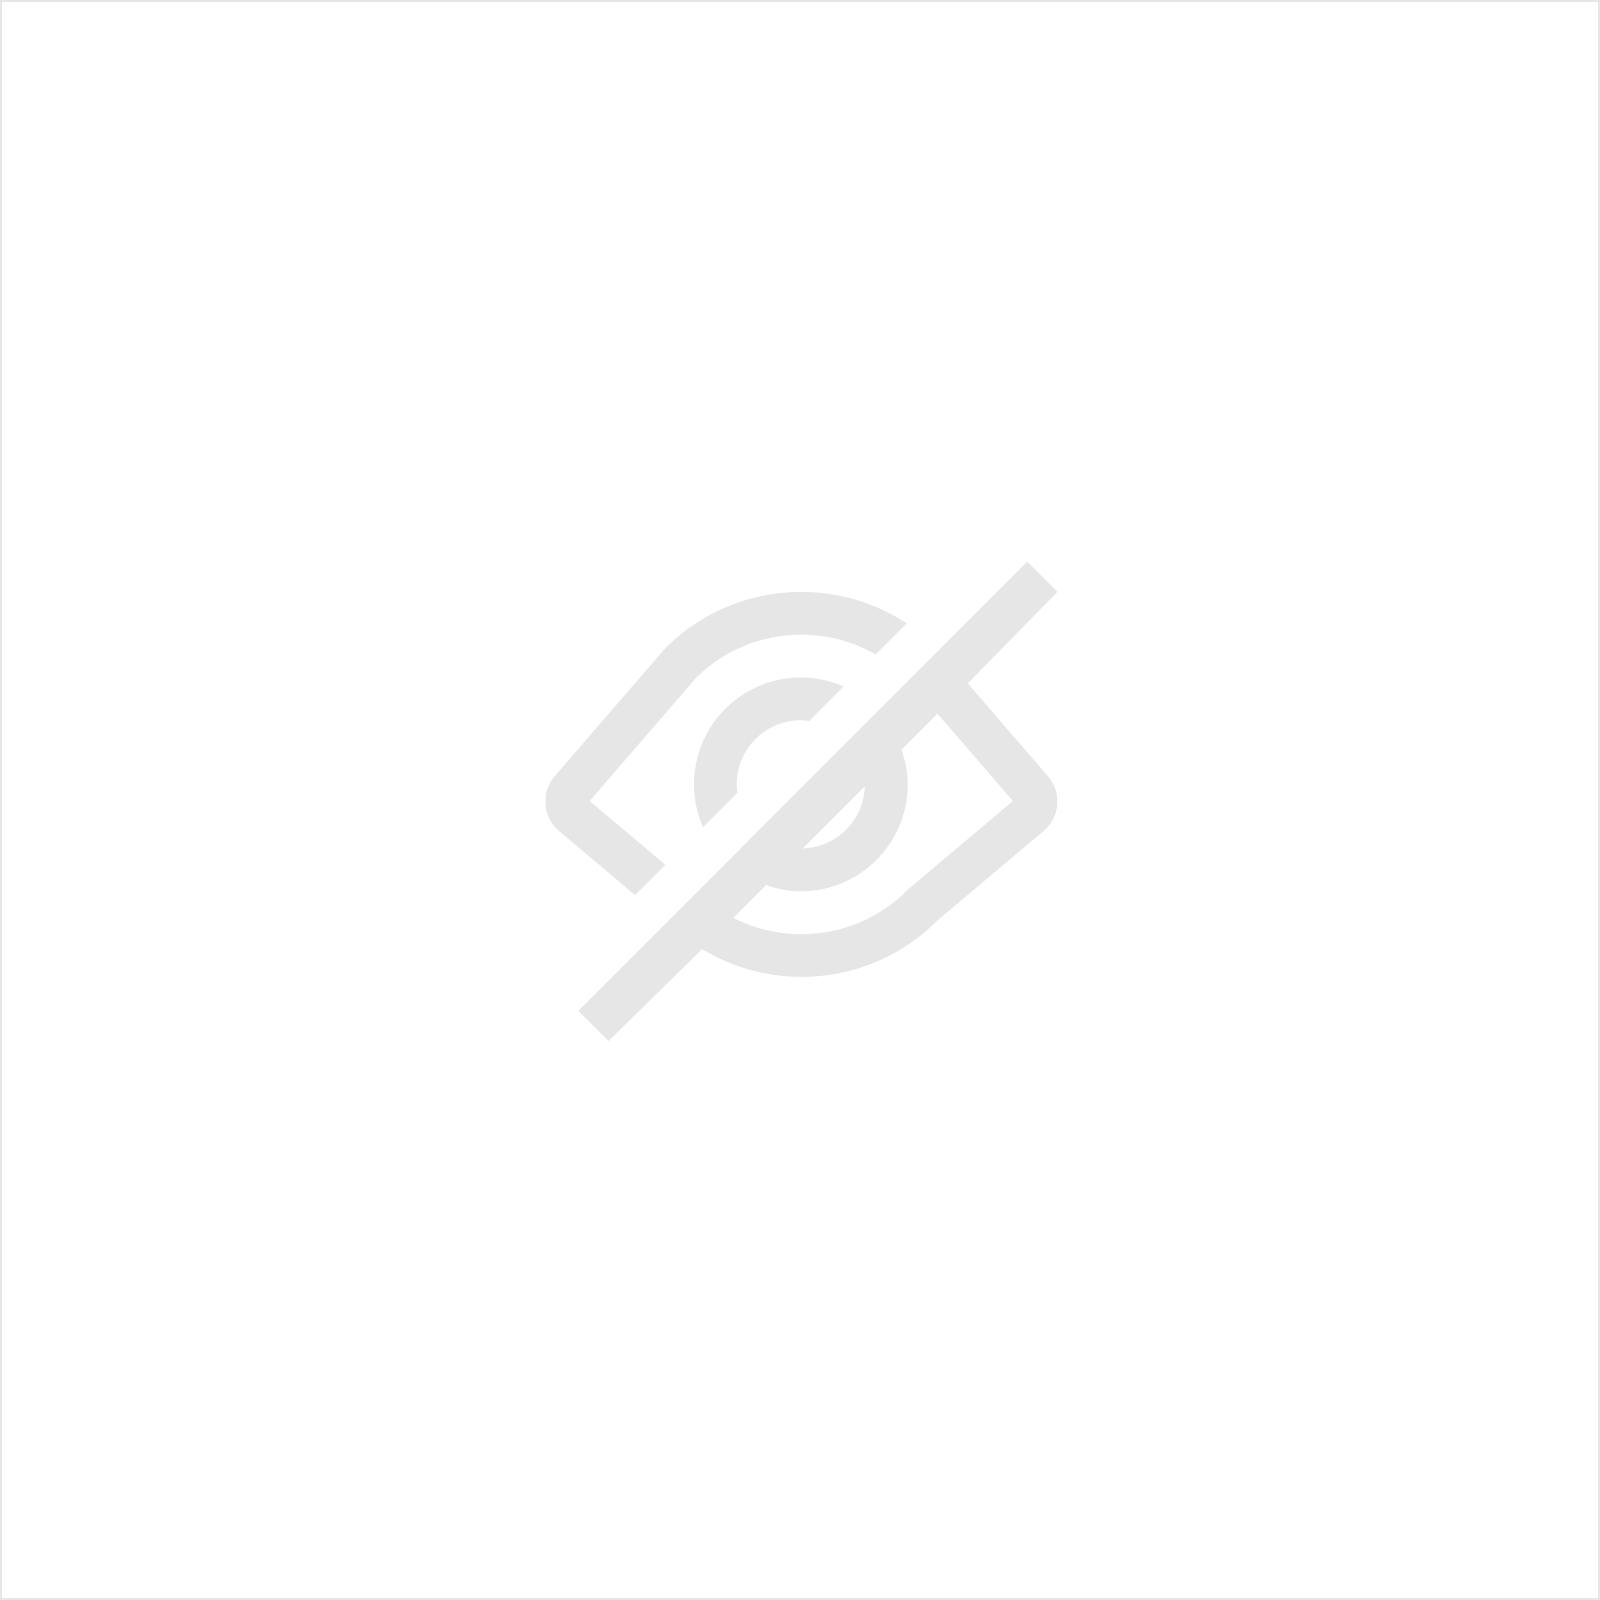 JEU DE MOLETTES OPTIONNELLES - 90° 3/4 ANGLE ROLL - POUR BORDEUSE MOULUREUSE